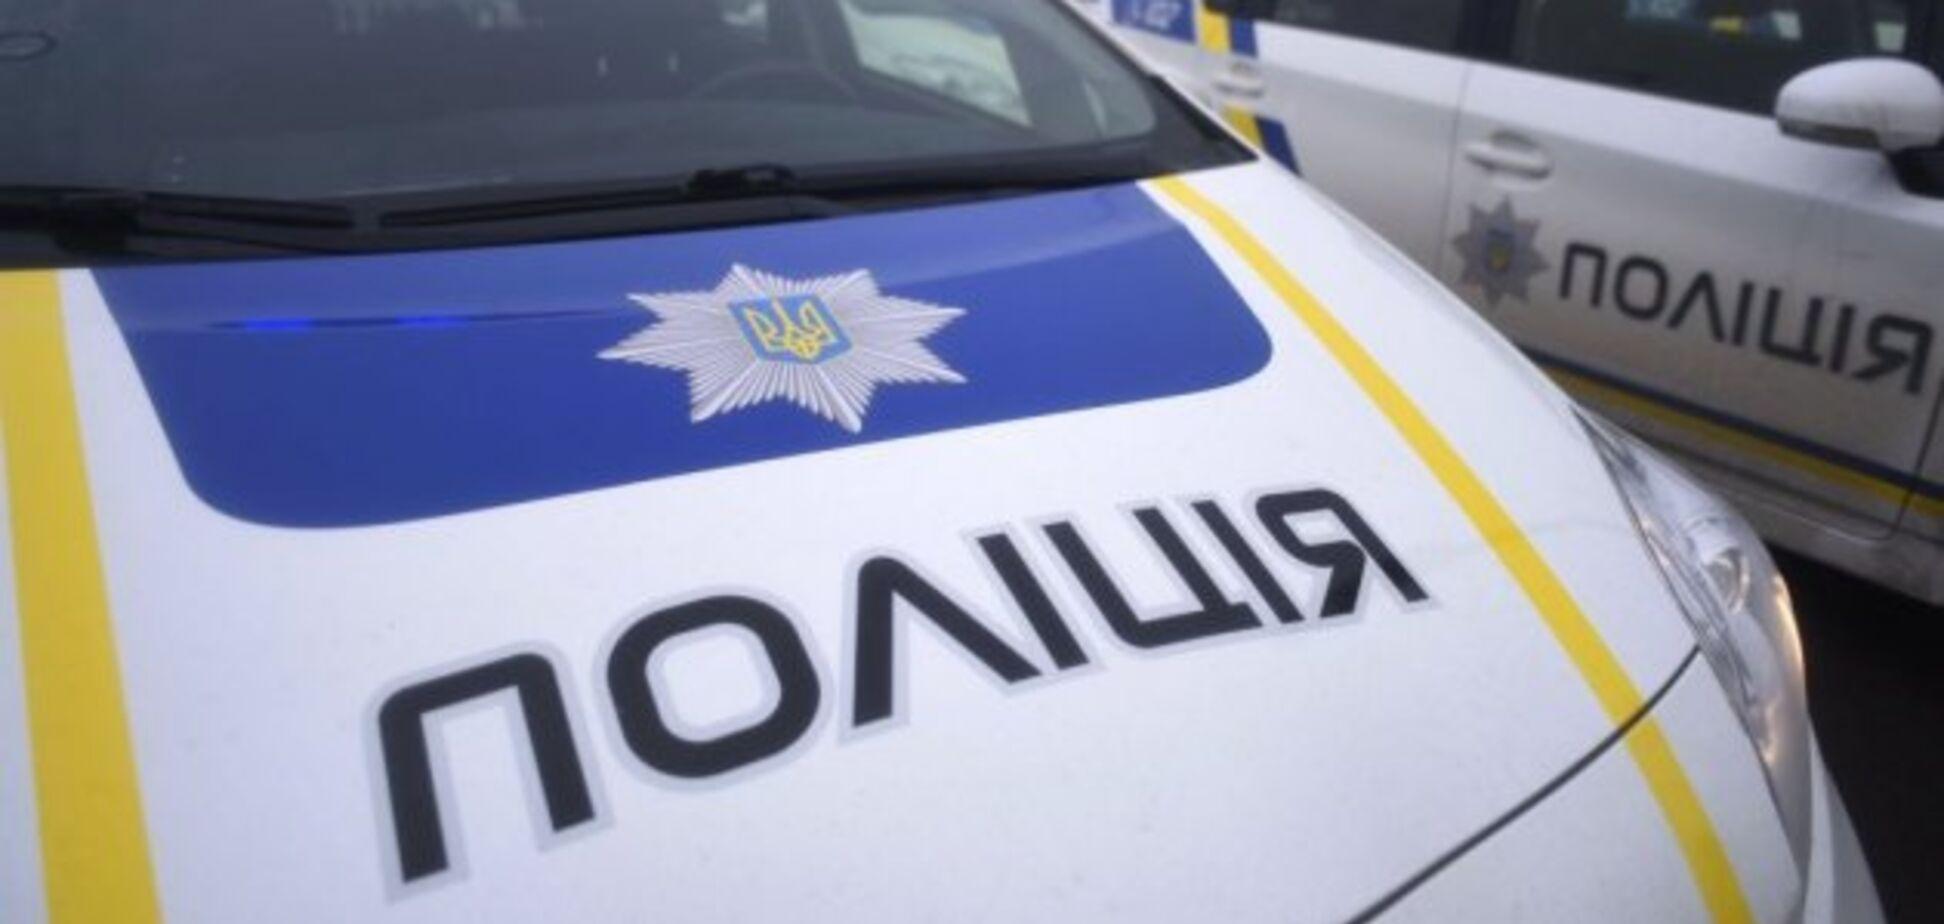 На Дніпропетровщині розшукують трьох зниклих безвісти чоловіків: фото і прикмети